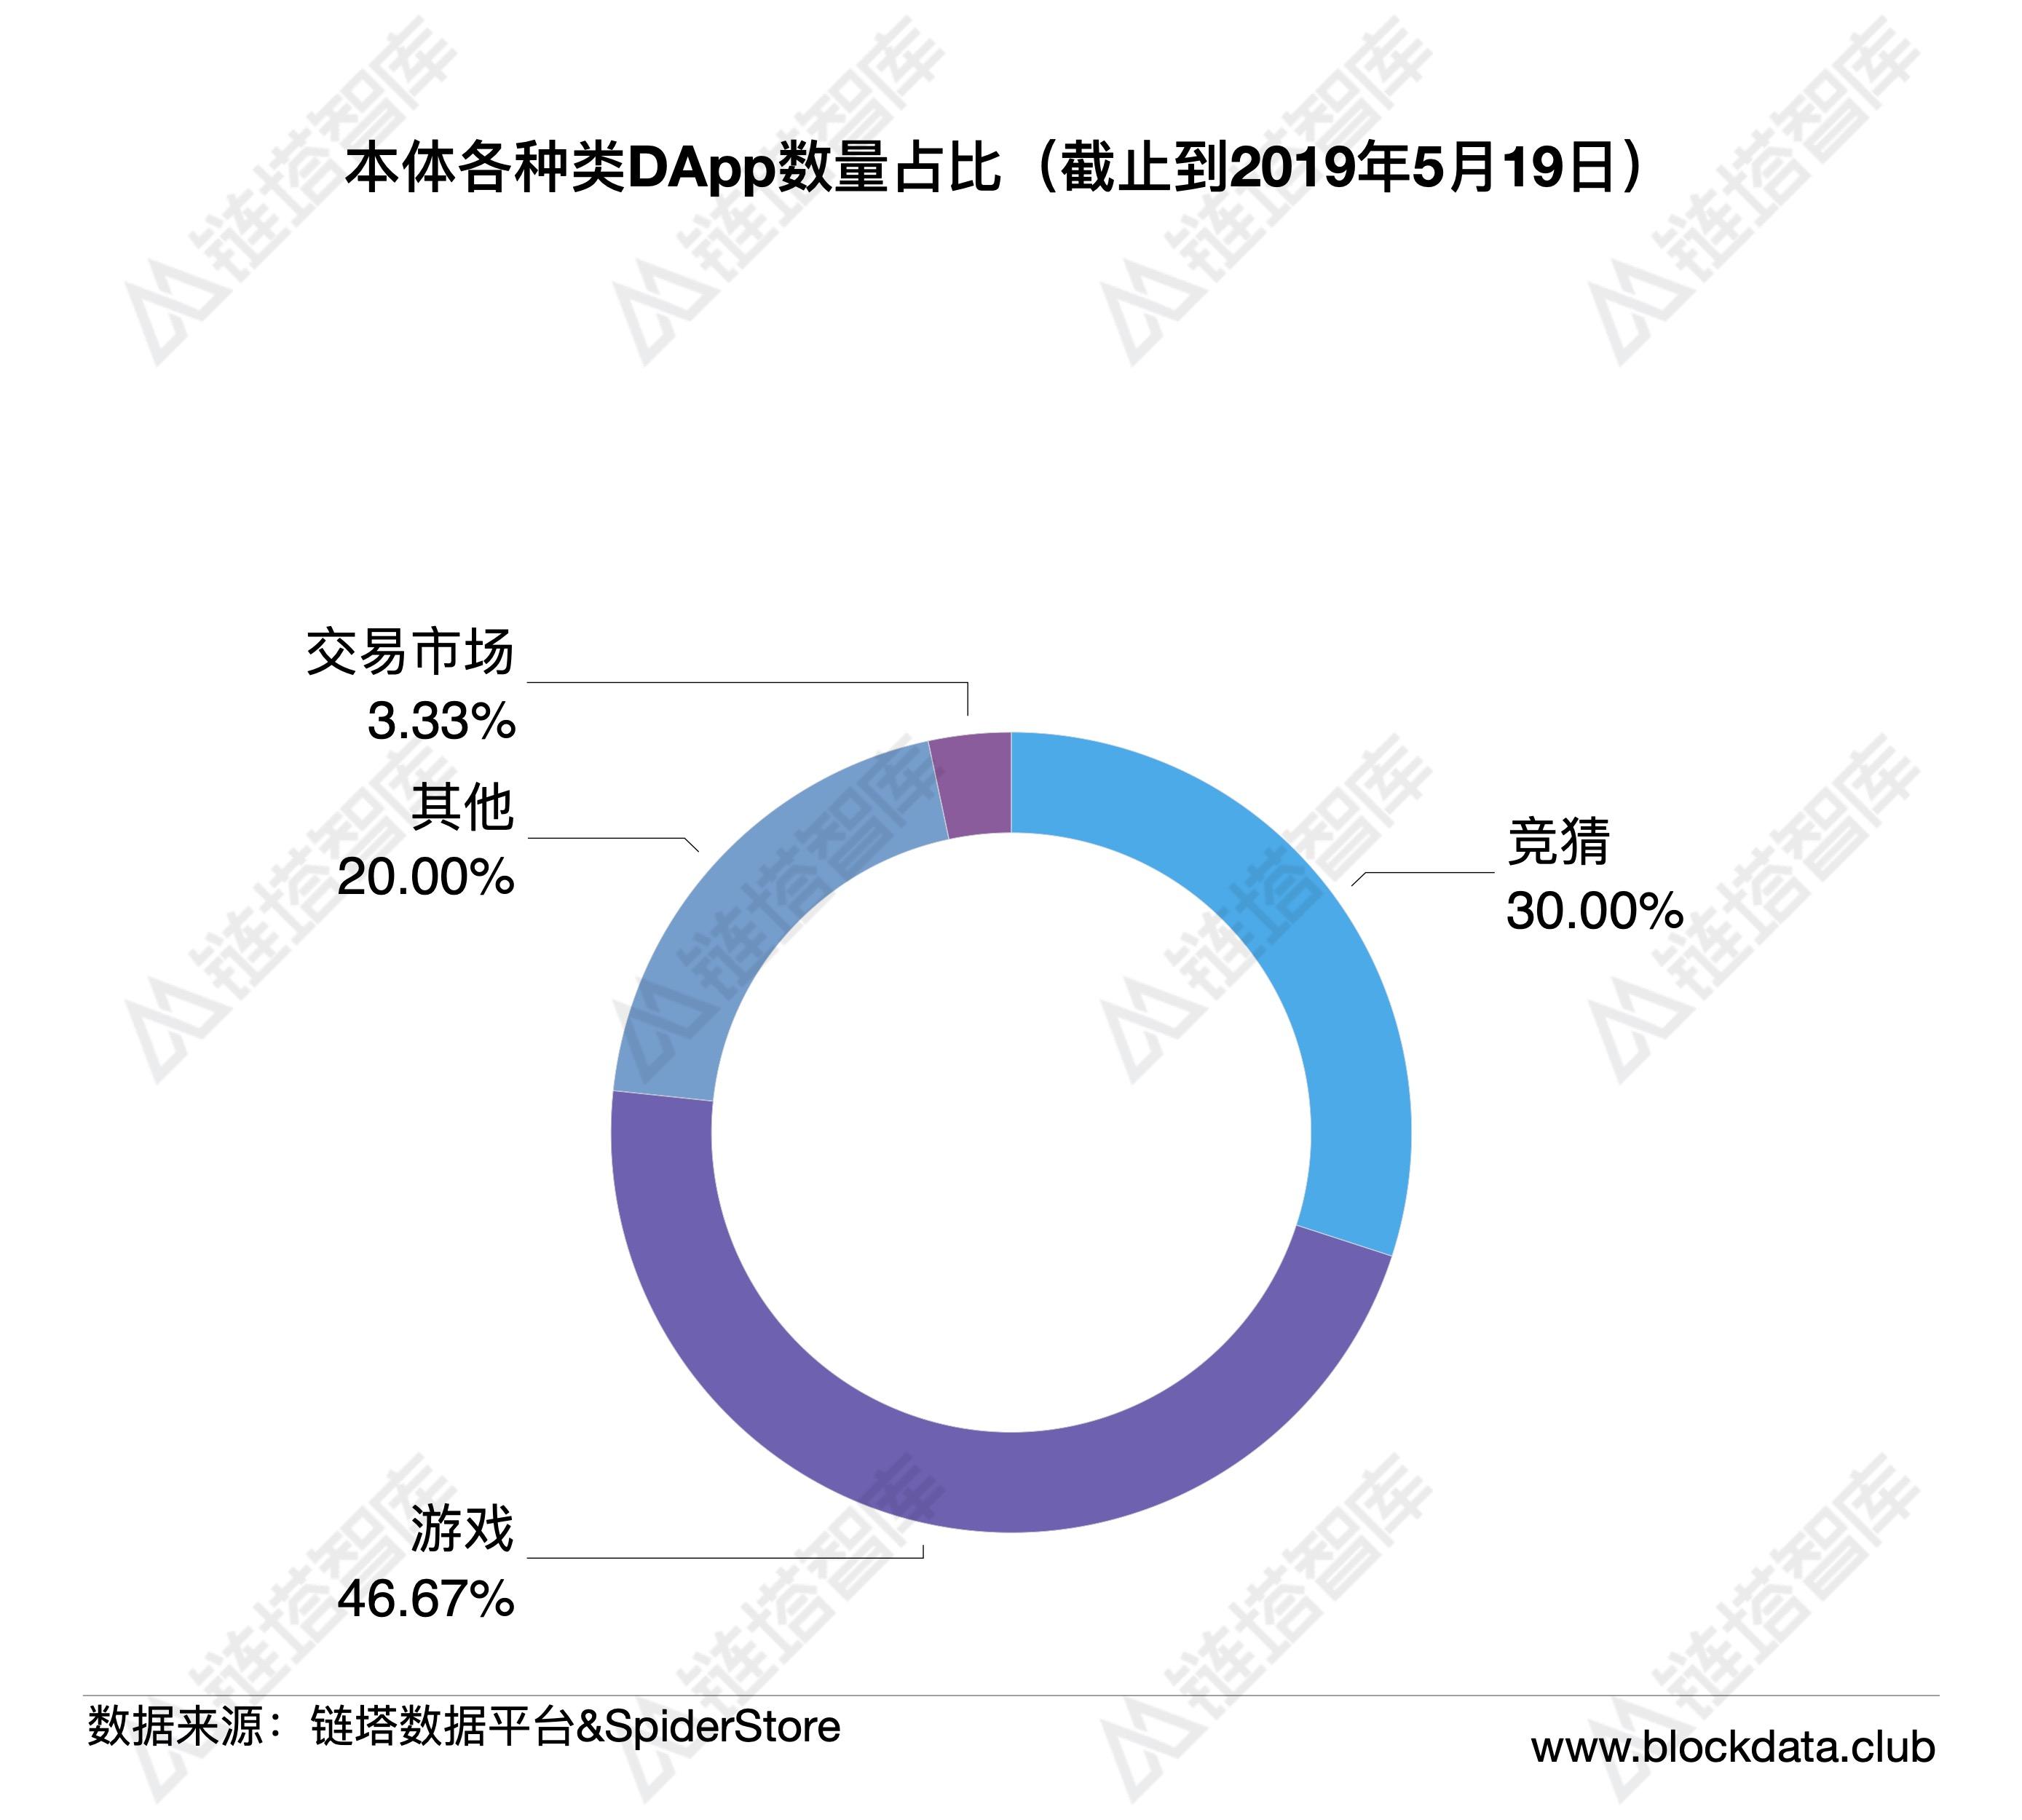 公链生态周报:BI指数周涨幅超20%,IOST主网账户突破30万